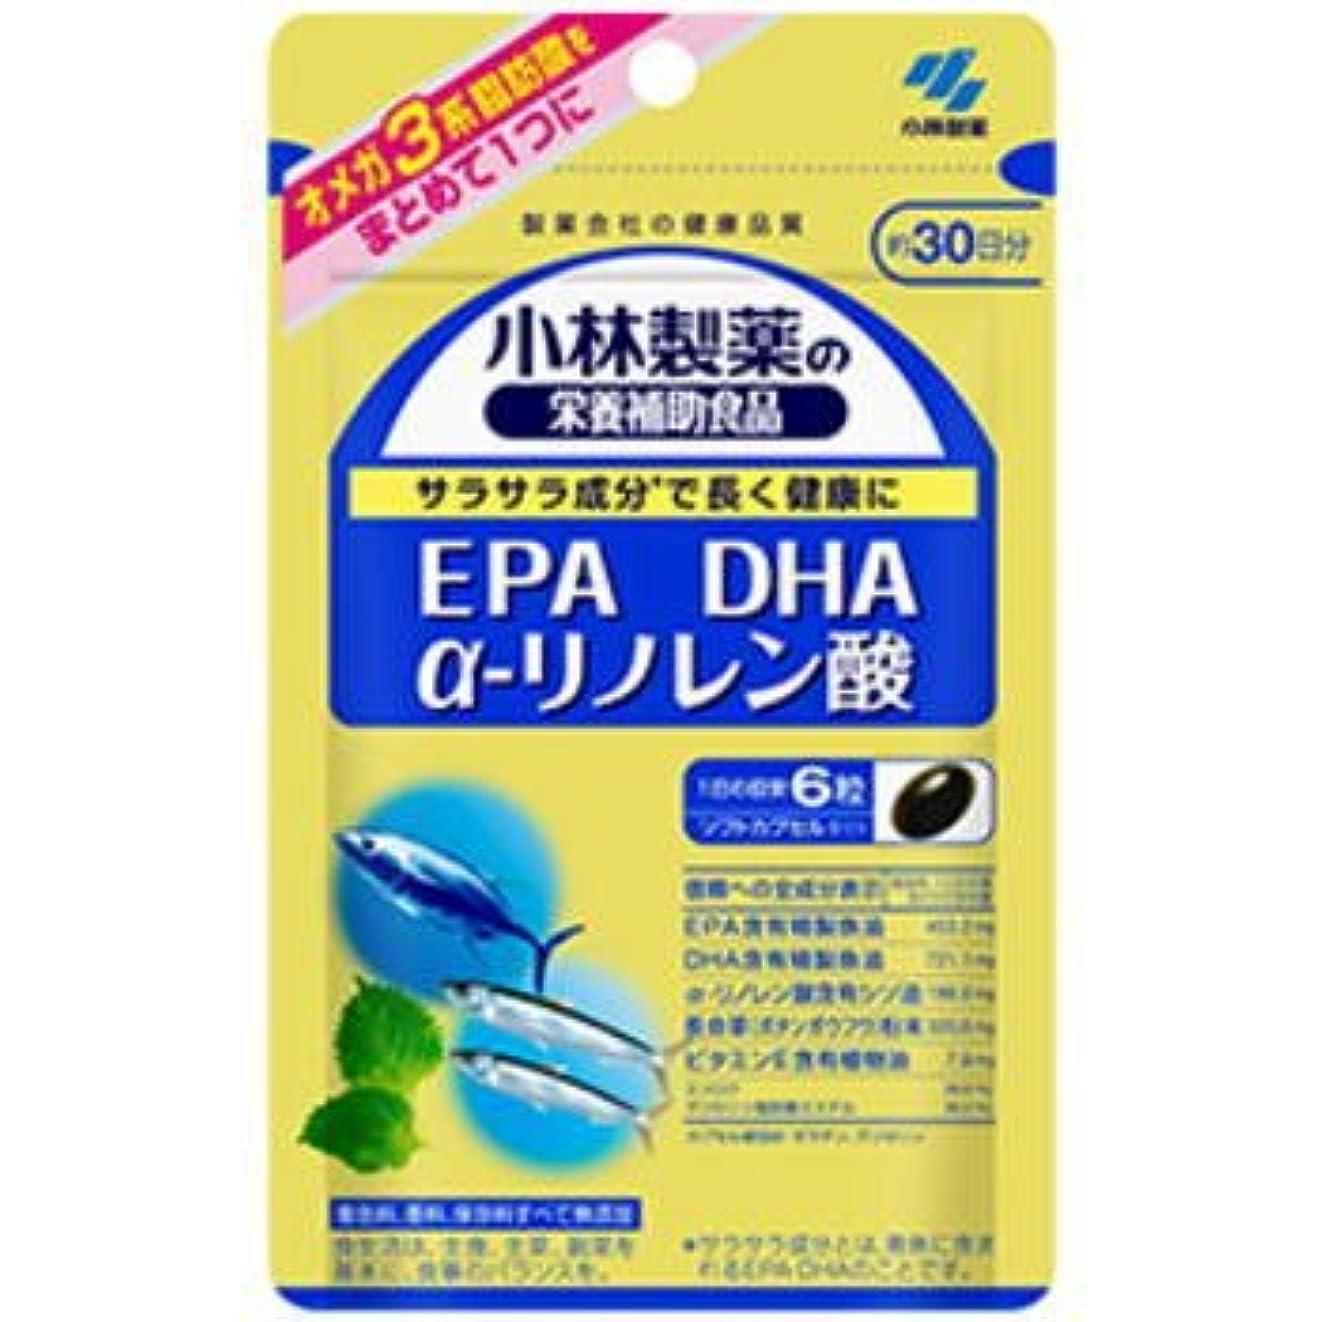 解決する一晩柔和小林製薬 EPA DHA α-リノレン酸 180粒×6個セット【ネコポス発送】